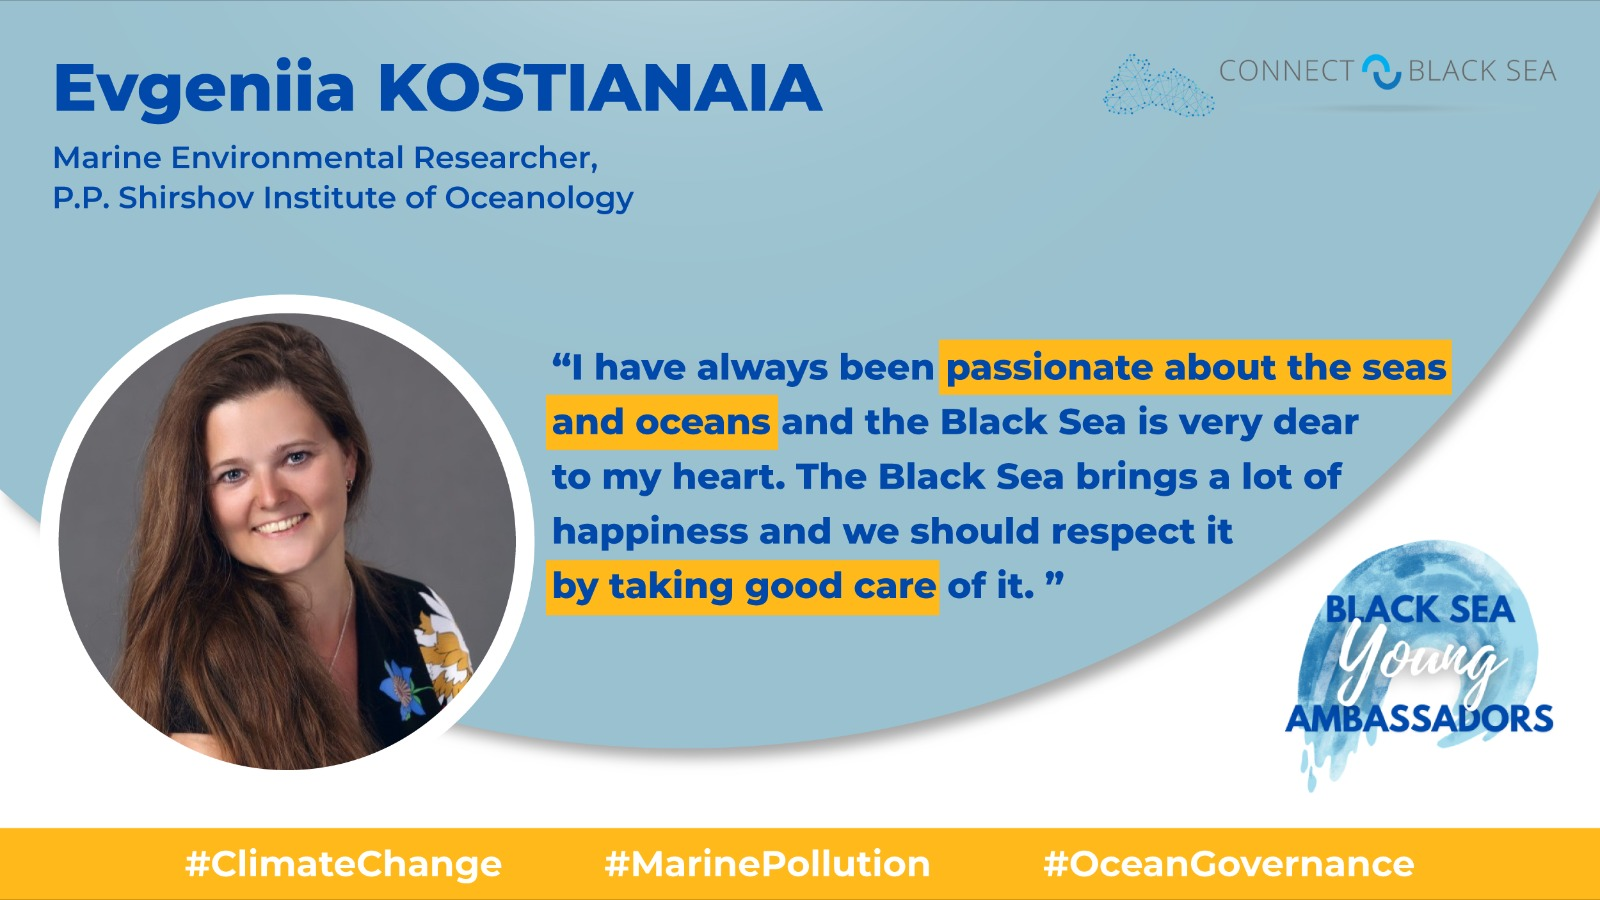 Black Sea Young Ambassadors' Social Media Campaign